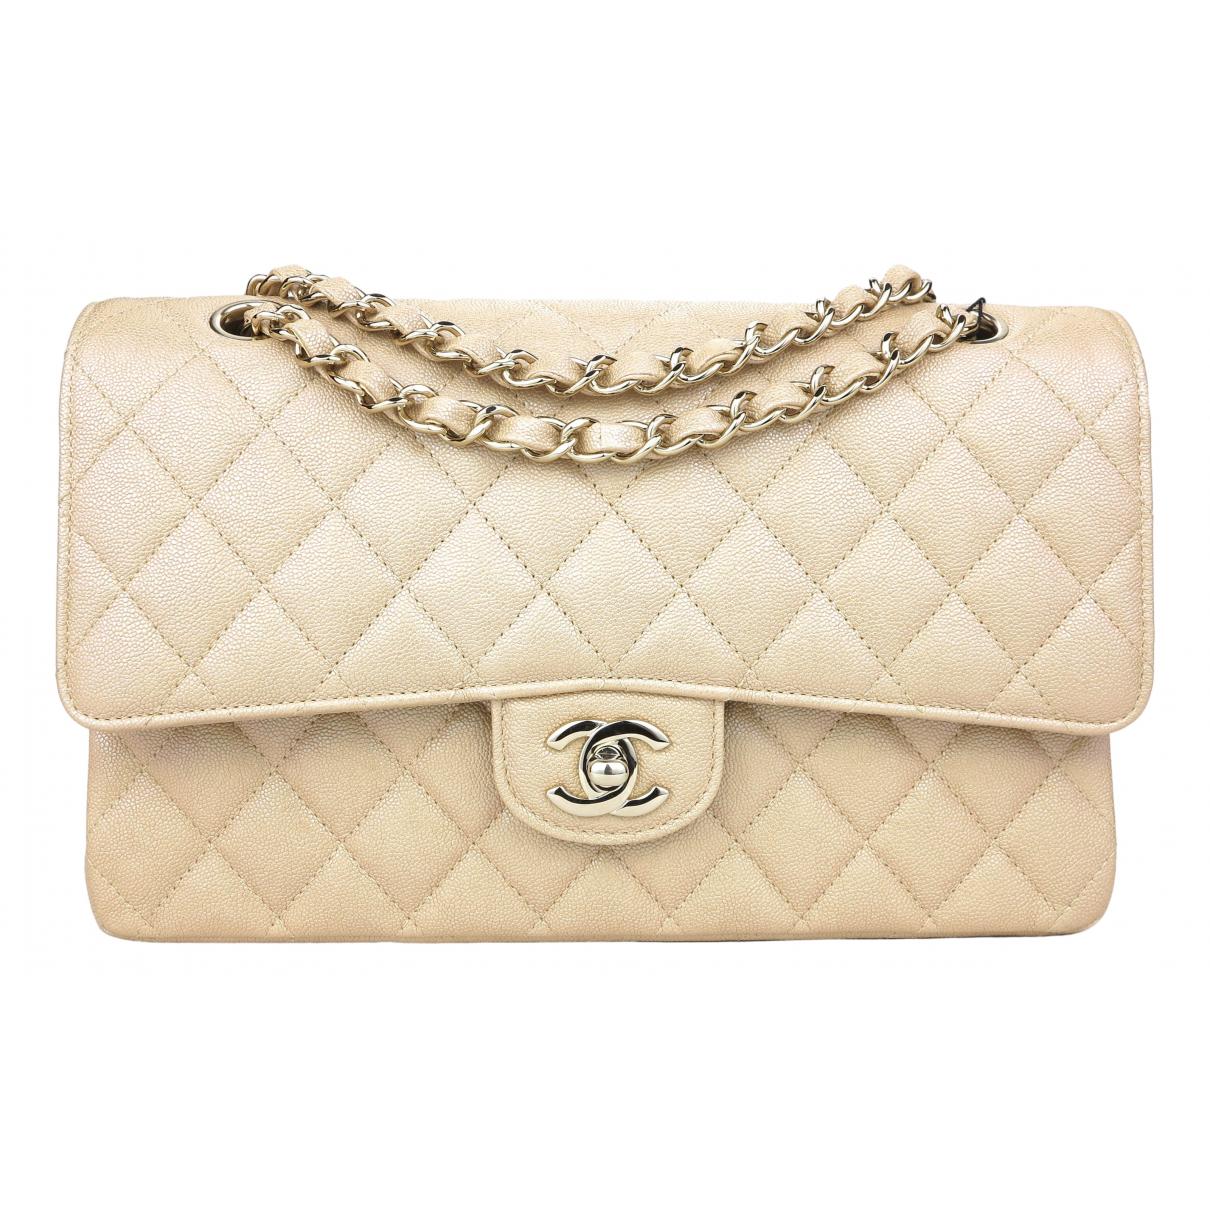 Chanel - Sac a main Timeless/Classique pour femme en cuir - beige